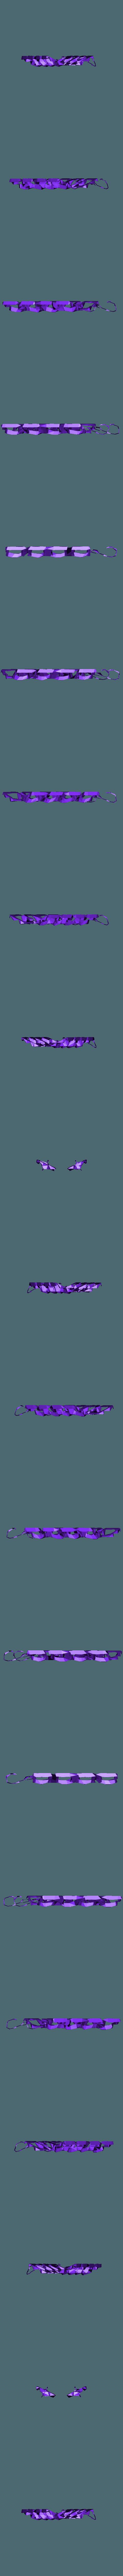 earrigns.STL Download STL file earrings squares • 3D printable model, AramisFernandez